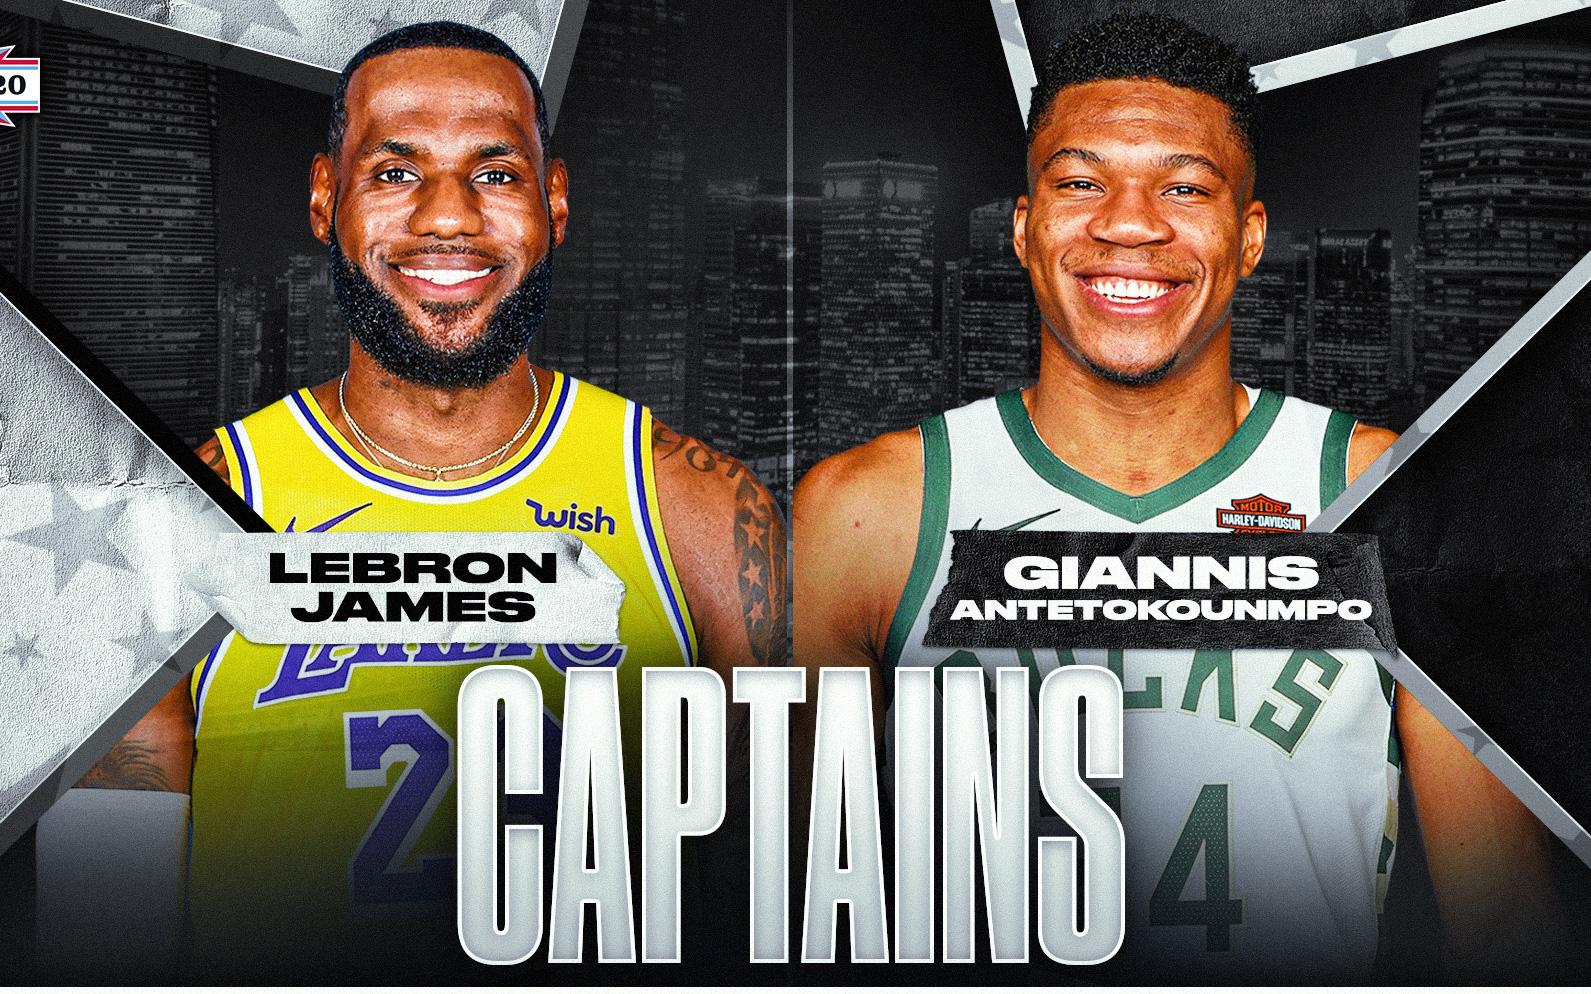 NBA chính thức công bố dàn cầu thủ All-Star Starters: LeBron James và Giannis Antetokounmpo tiếp tục trở thành đội trưởng